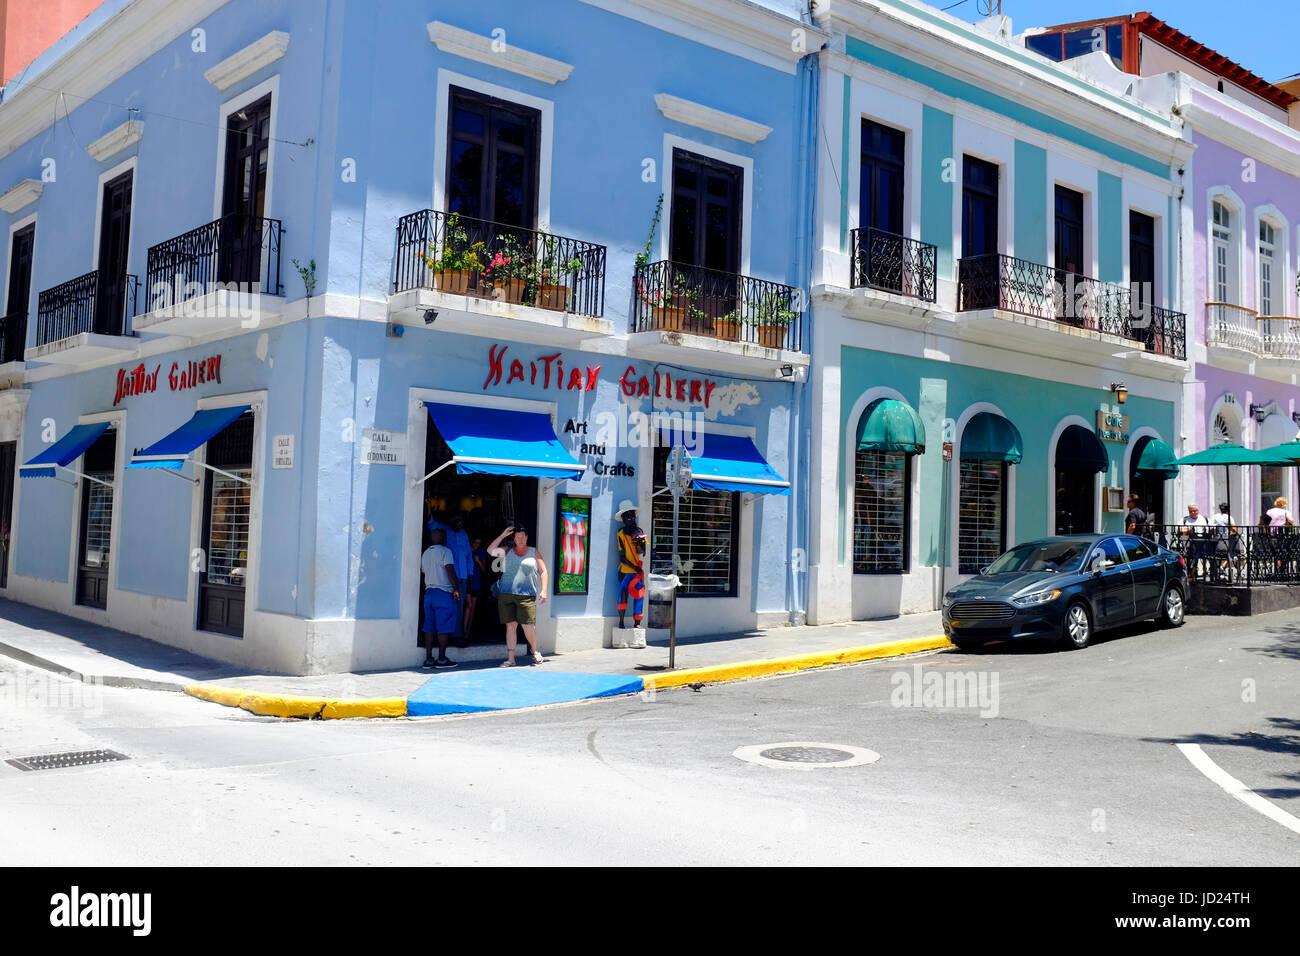 Puerto Rico, el Viejo San Juan, en la calle, con la típica arquitectura colonial Imagen De Stock